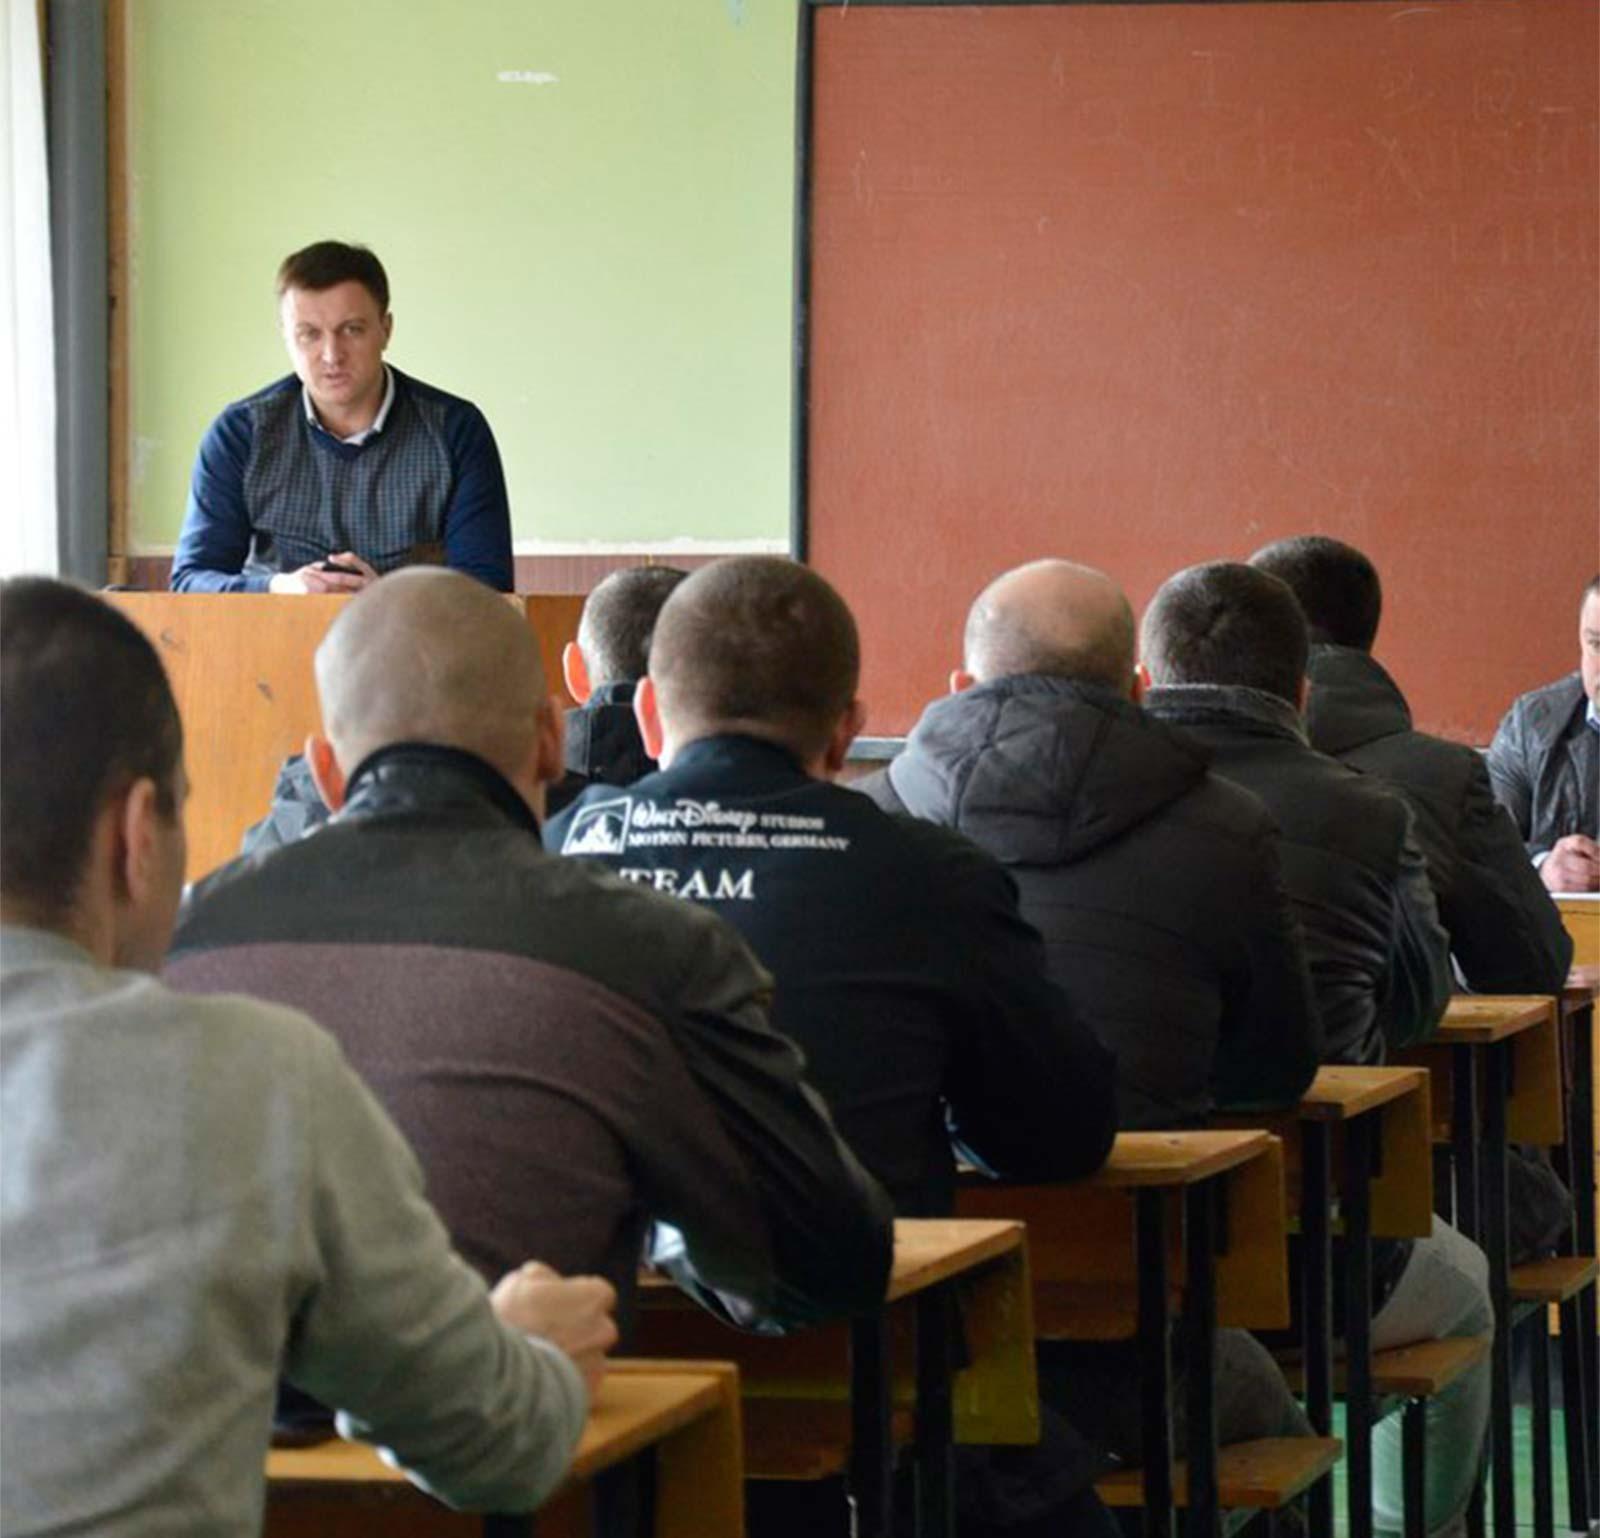 Т.в.о. першого проректора Дніпропетровського державного університету внутрішніх справ підполковник поліції Роман Кацуба